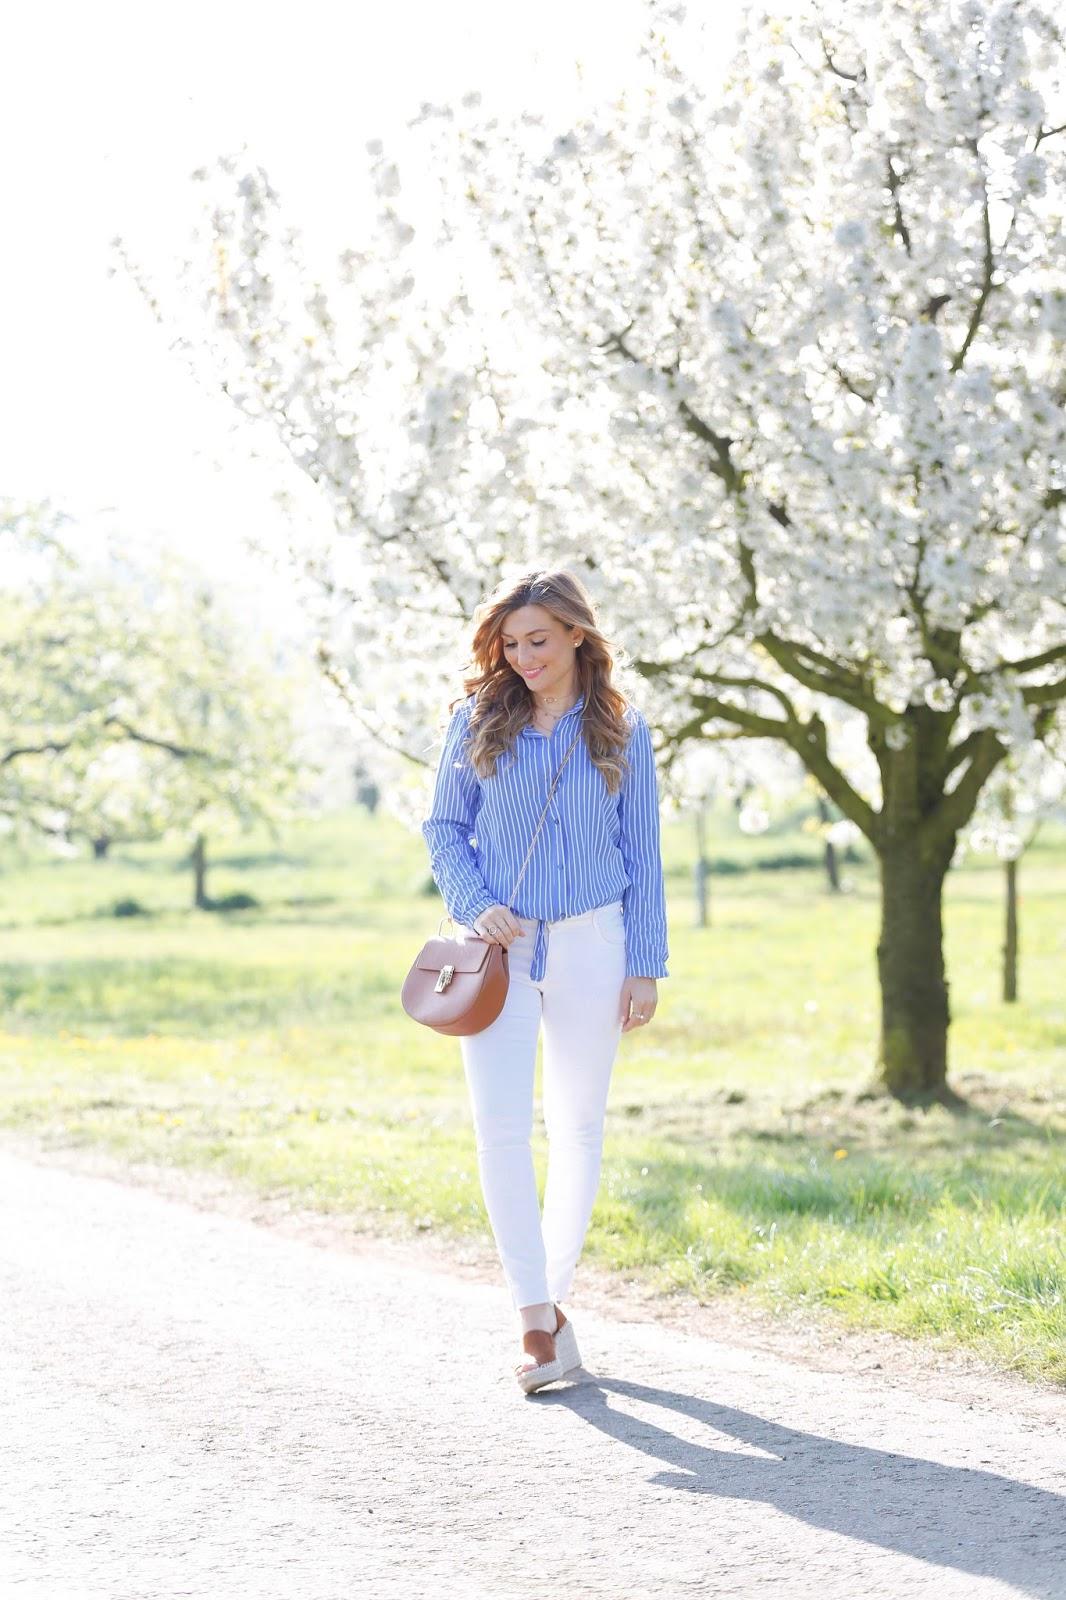 Wie kombiniert man eine weiße jeans